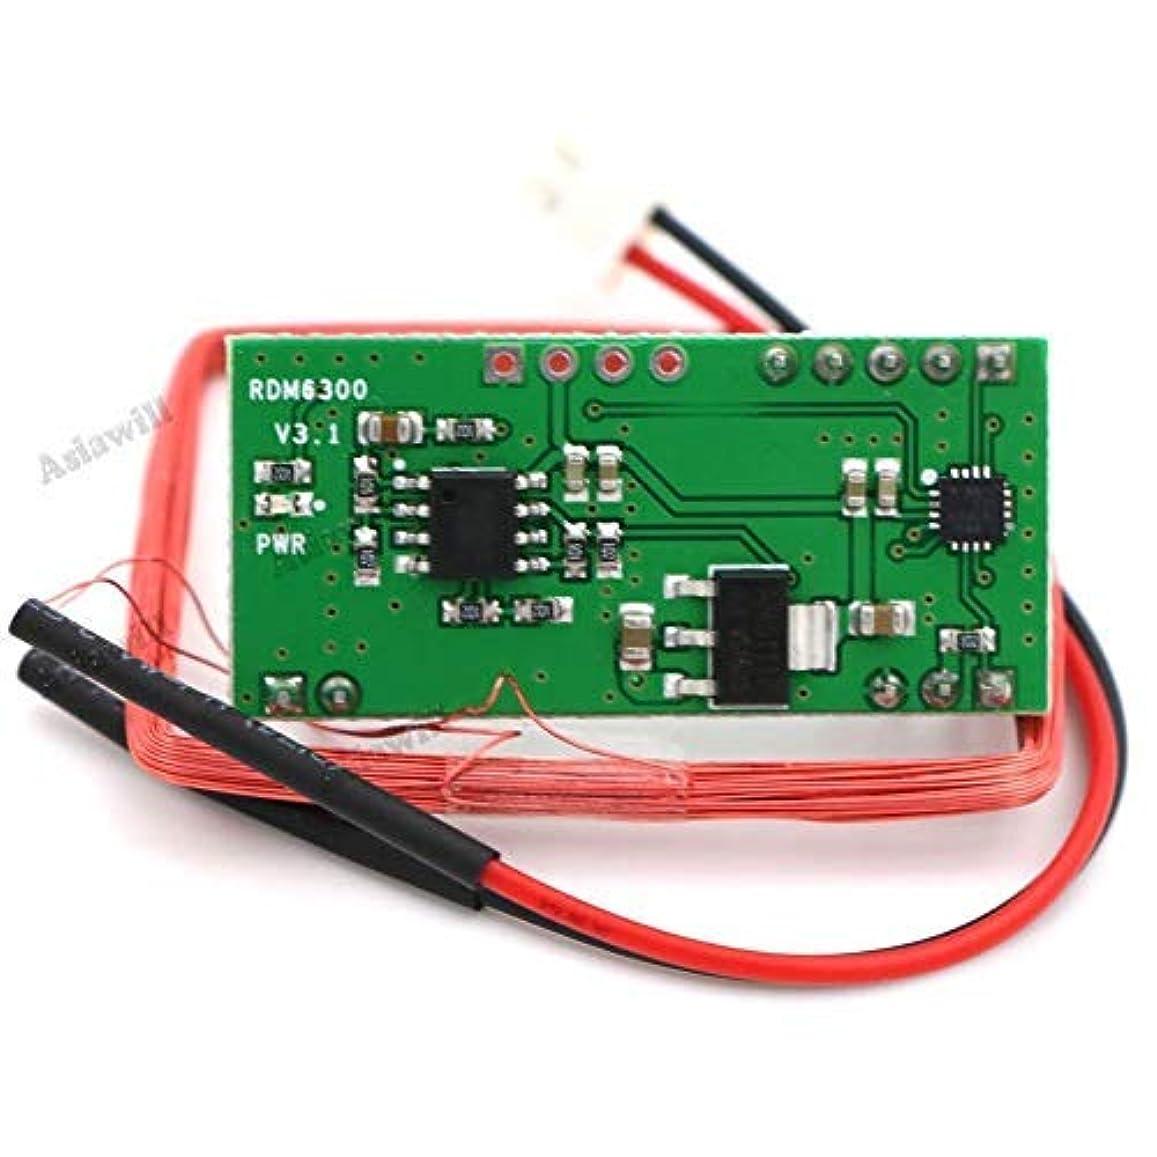 意志に反するクレジット魅惑的なARCELI RDM6300 125Khz EM4100 RFID Reader Module UART Output Access Control System for Arduino [並行輸入品]